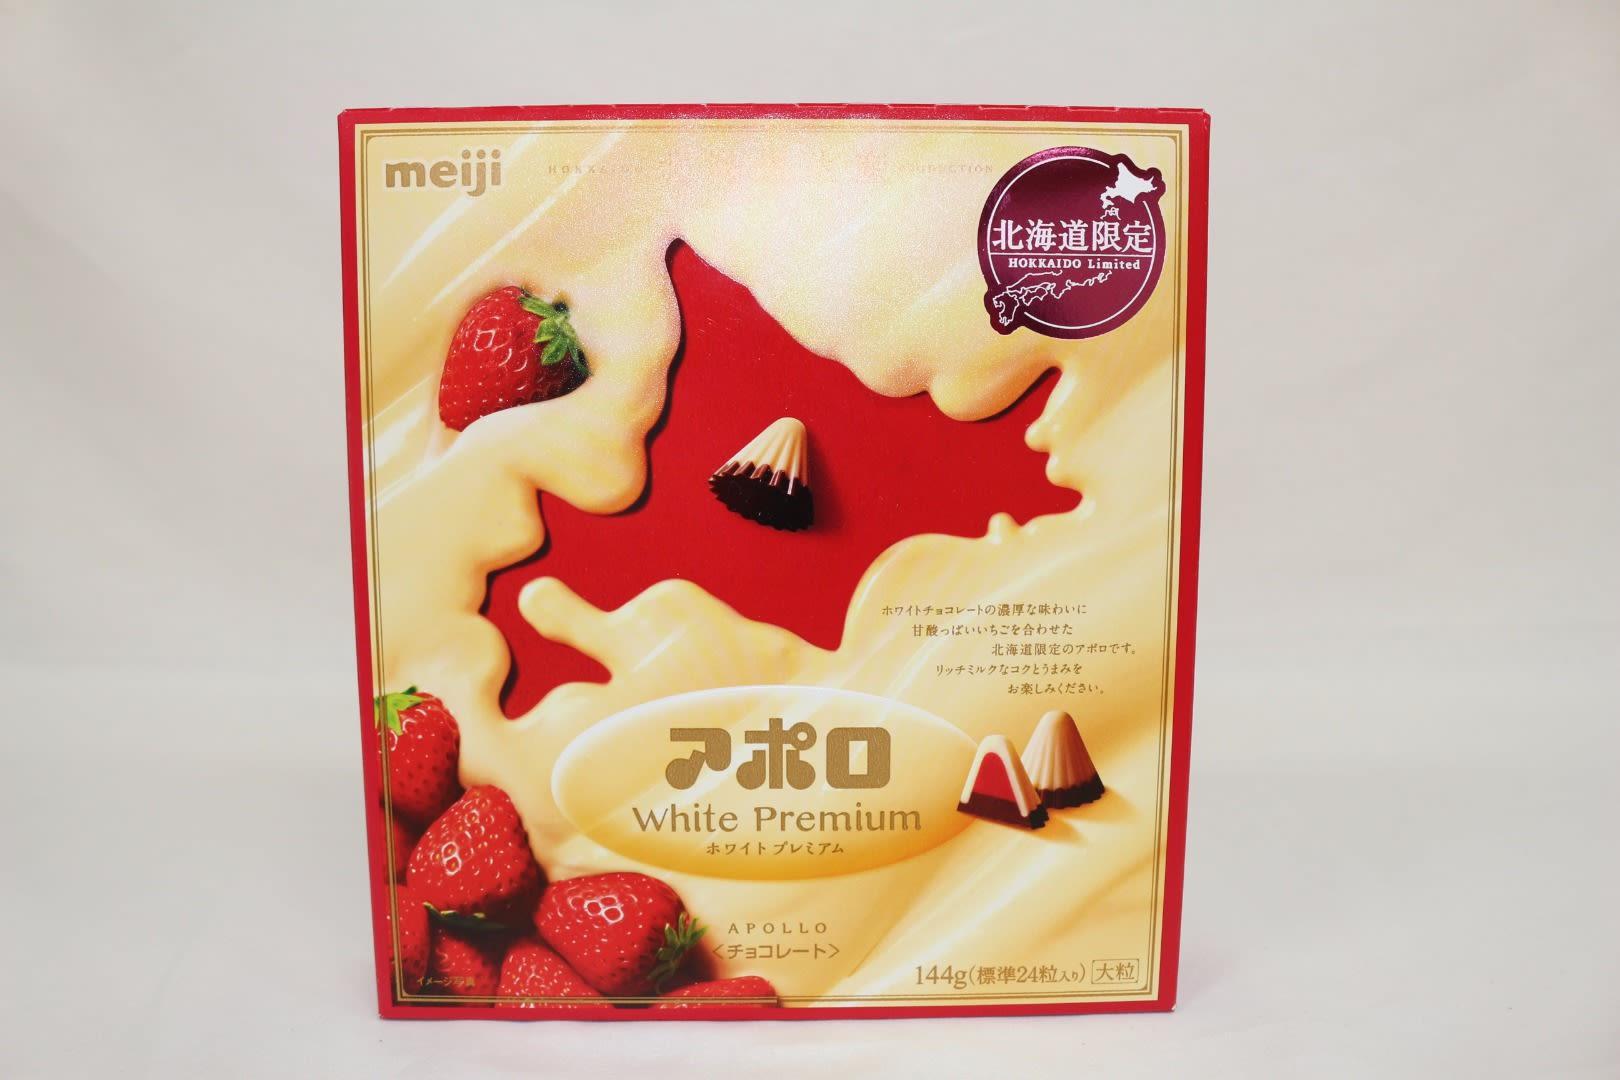 Meiji Apollo White Premium hokkaido